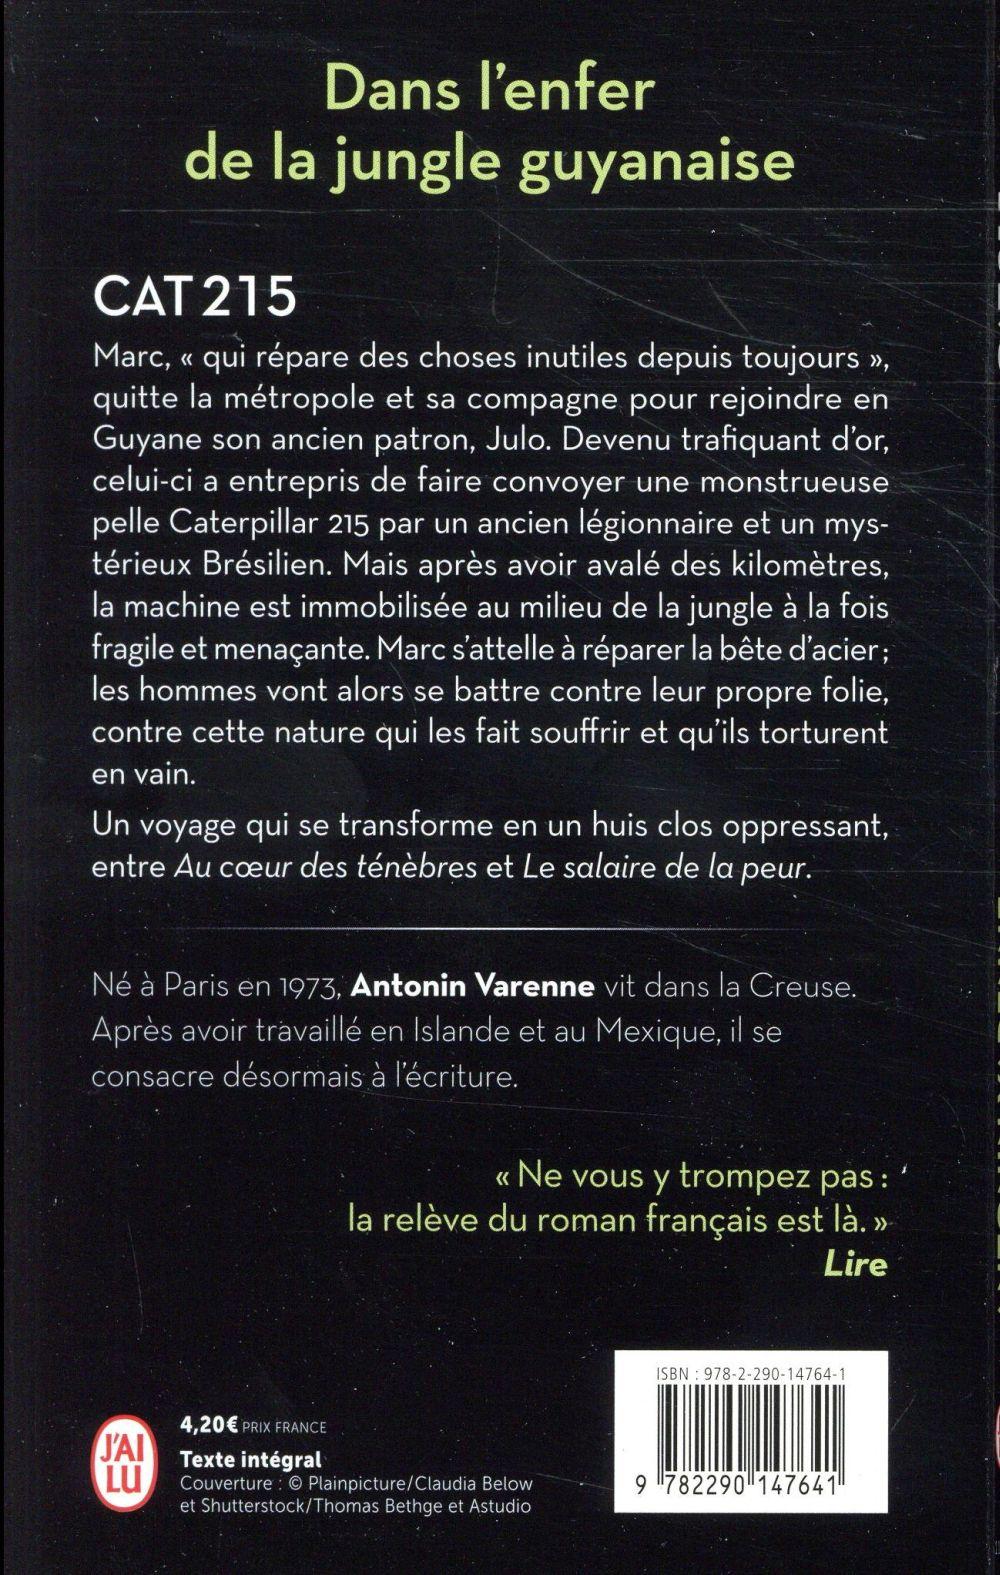 Cat215